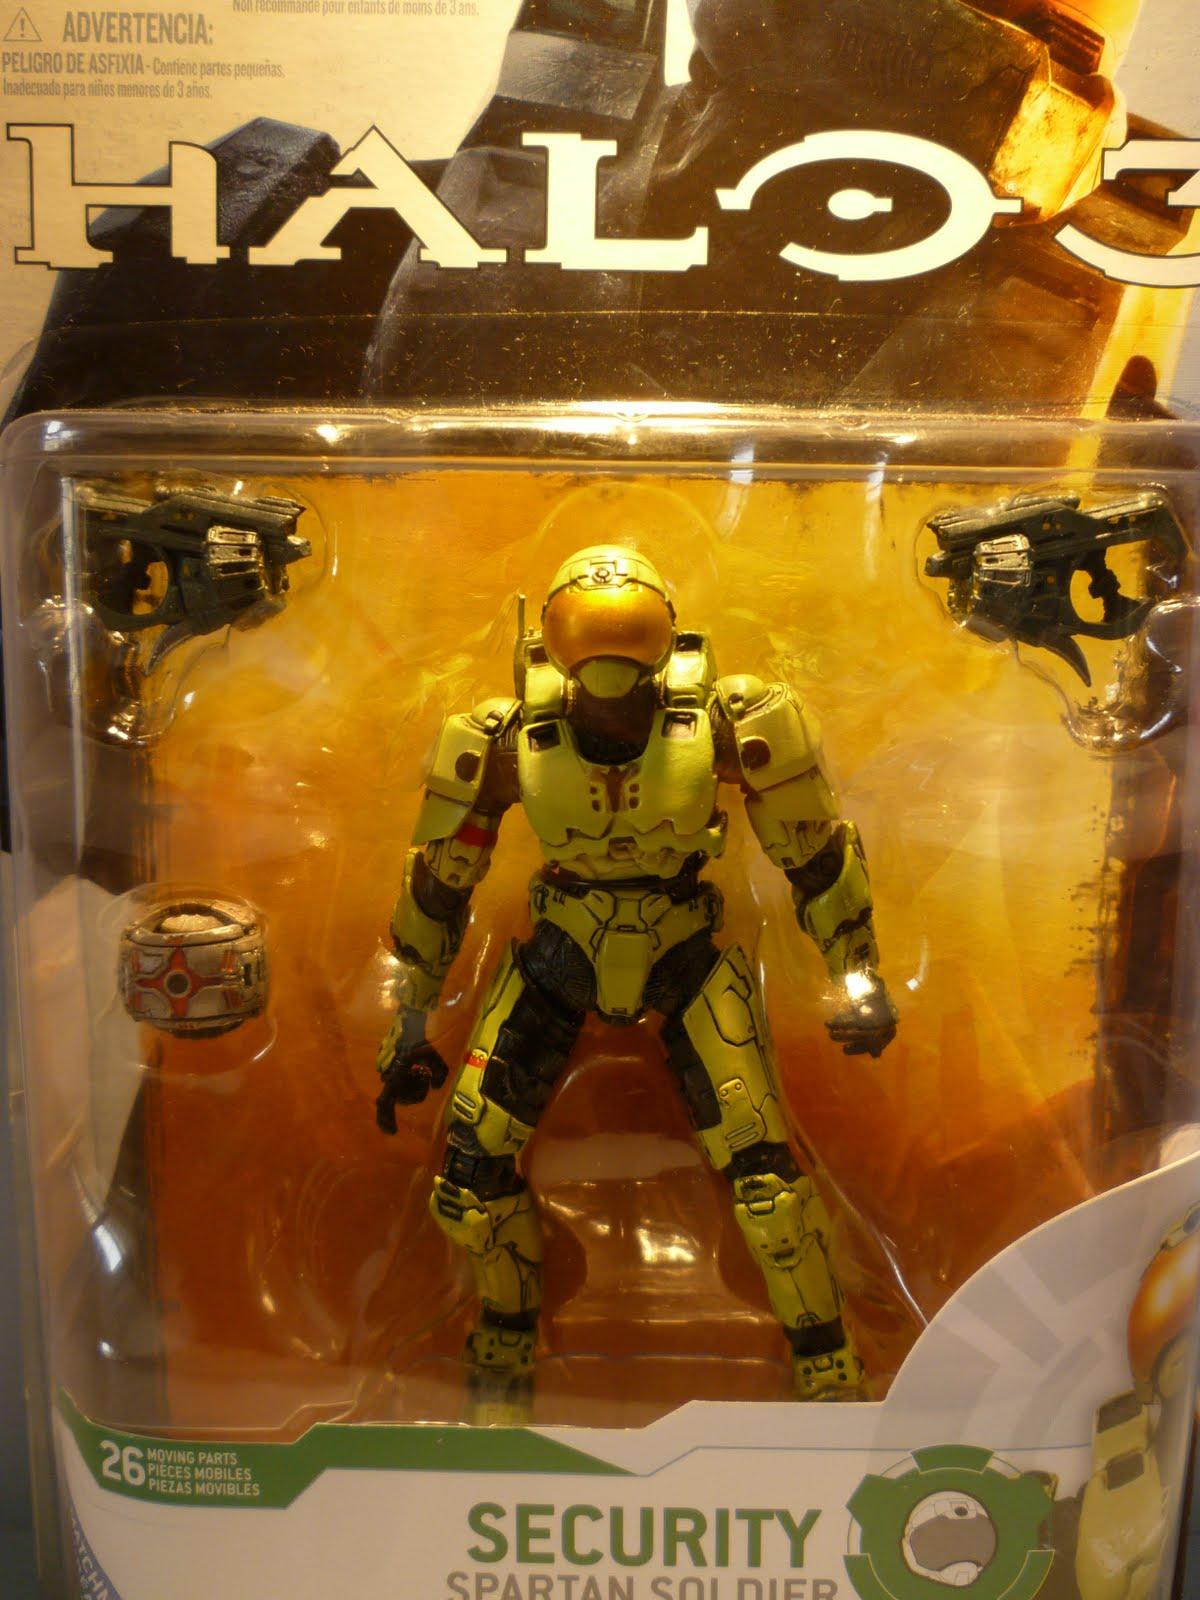 Kurobara: halo 3 security spartan soldier action figure